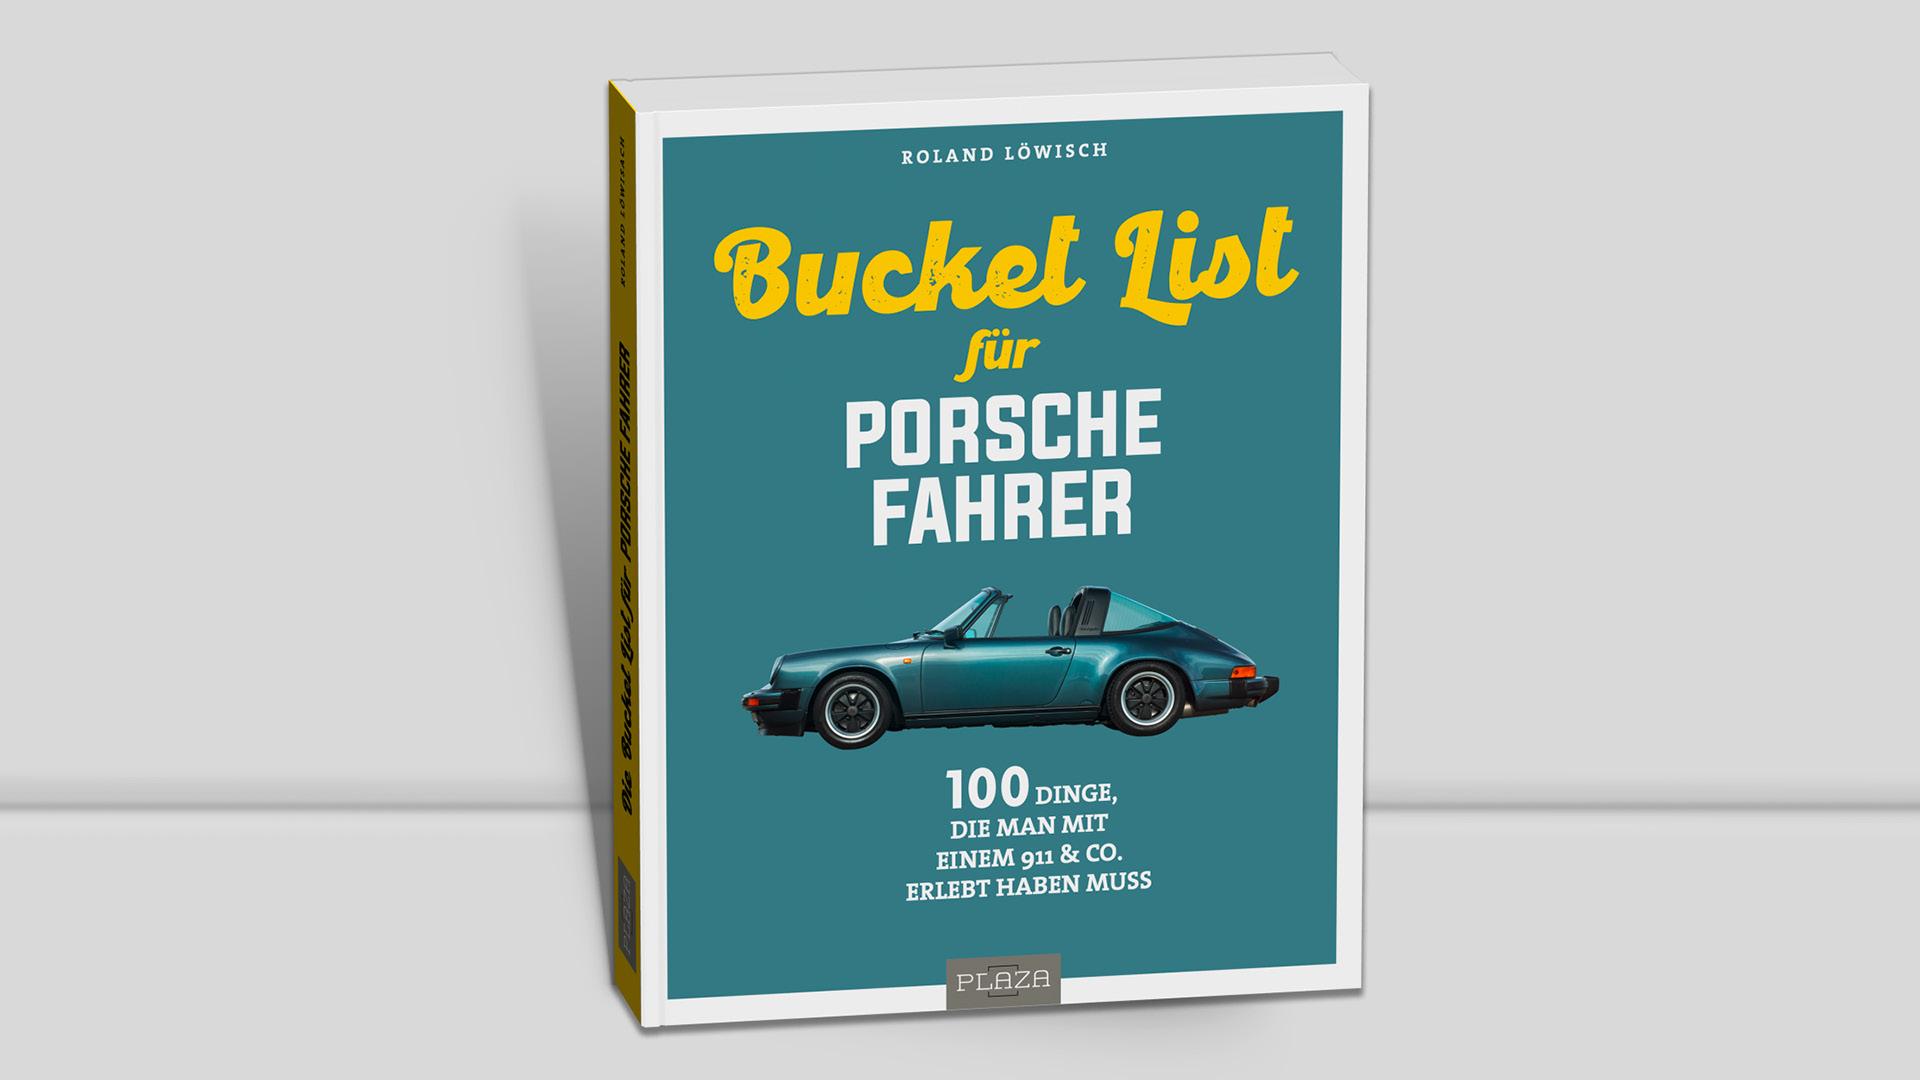 Bucket List für Porsche Fahrer